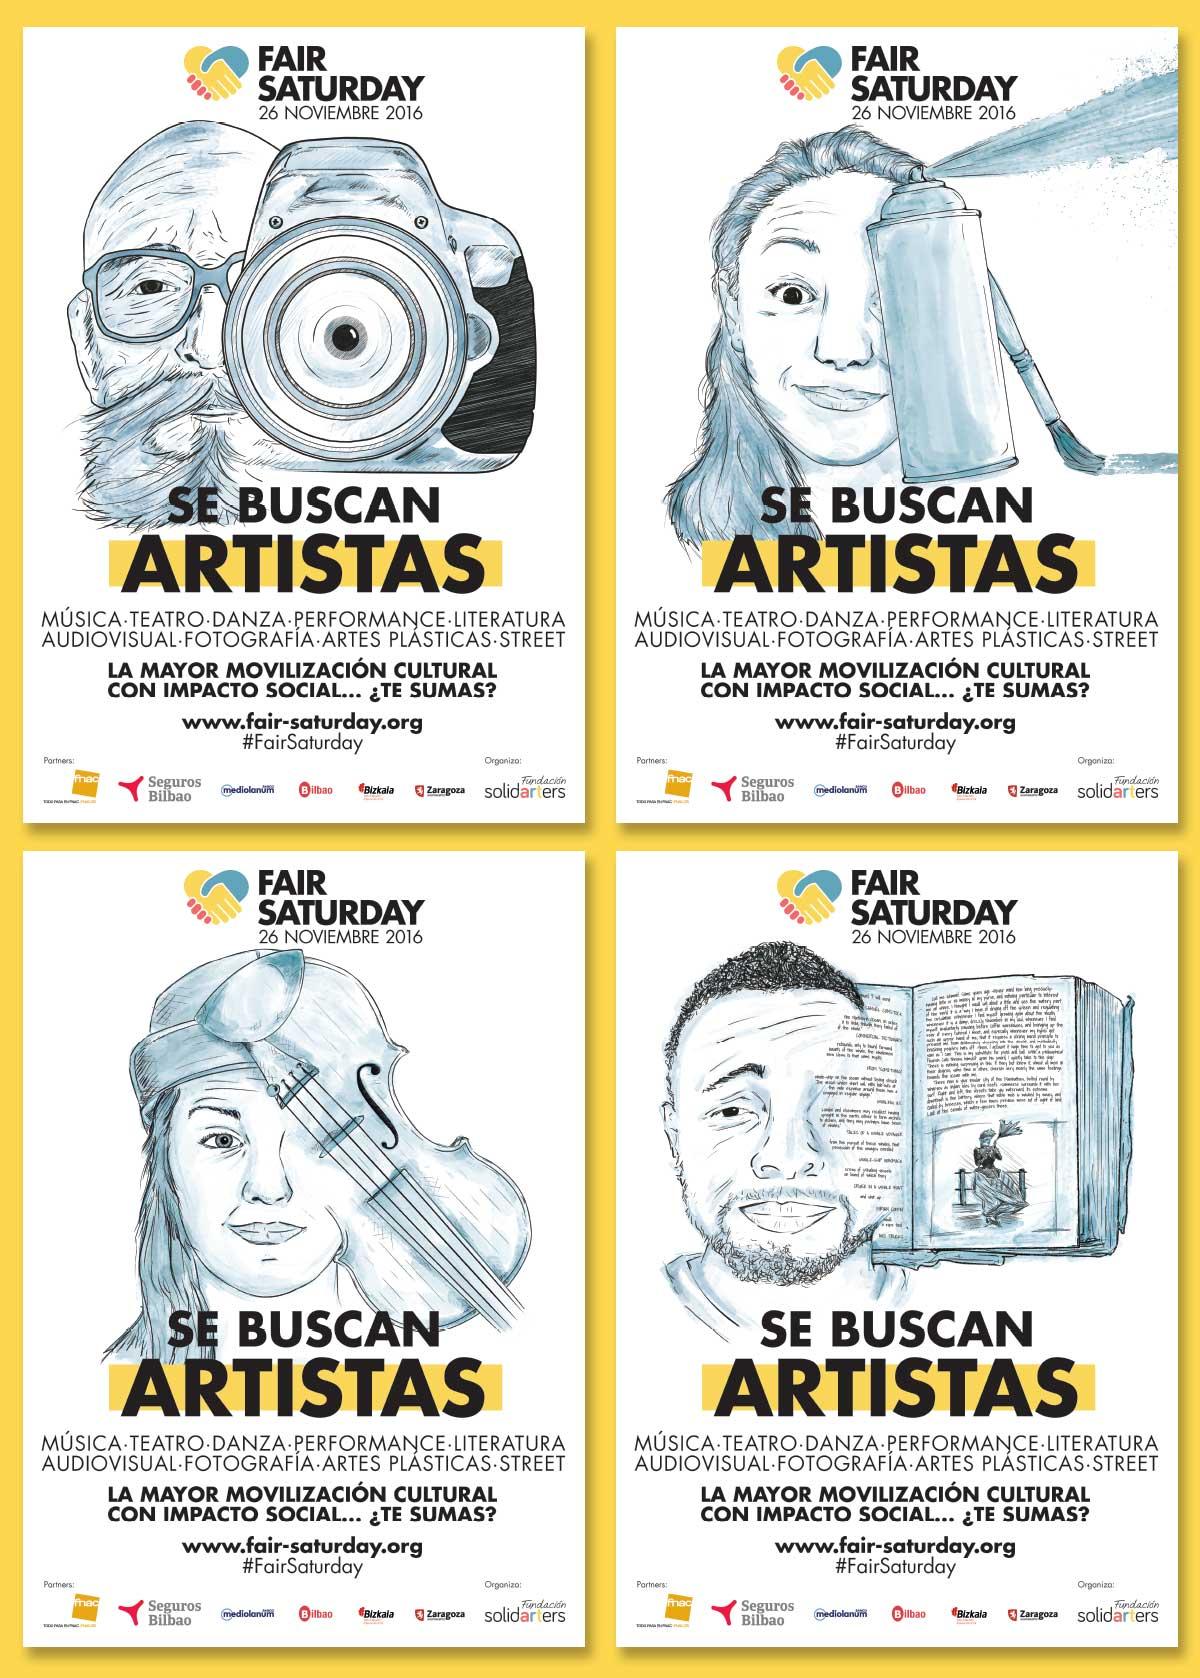 Se buscan artistas para participar en la mayor movilización cultural con impacto social. Fair Saturday 2016